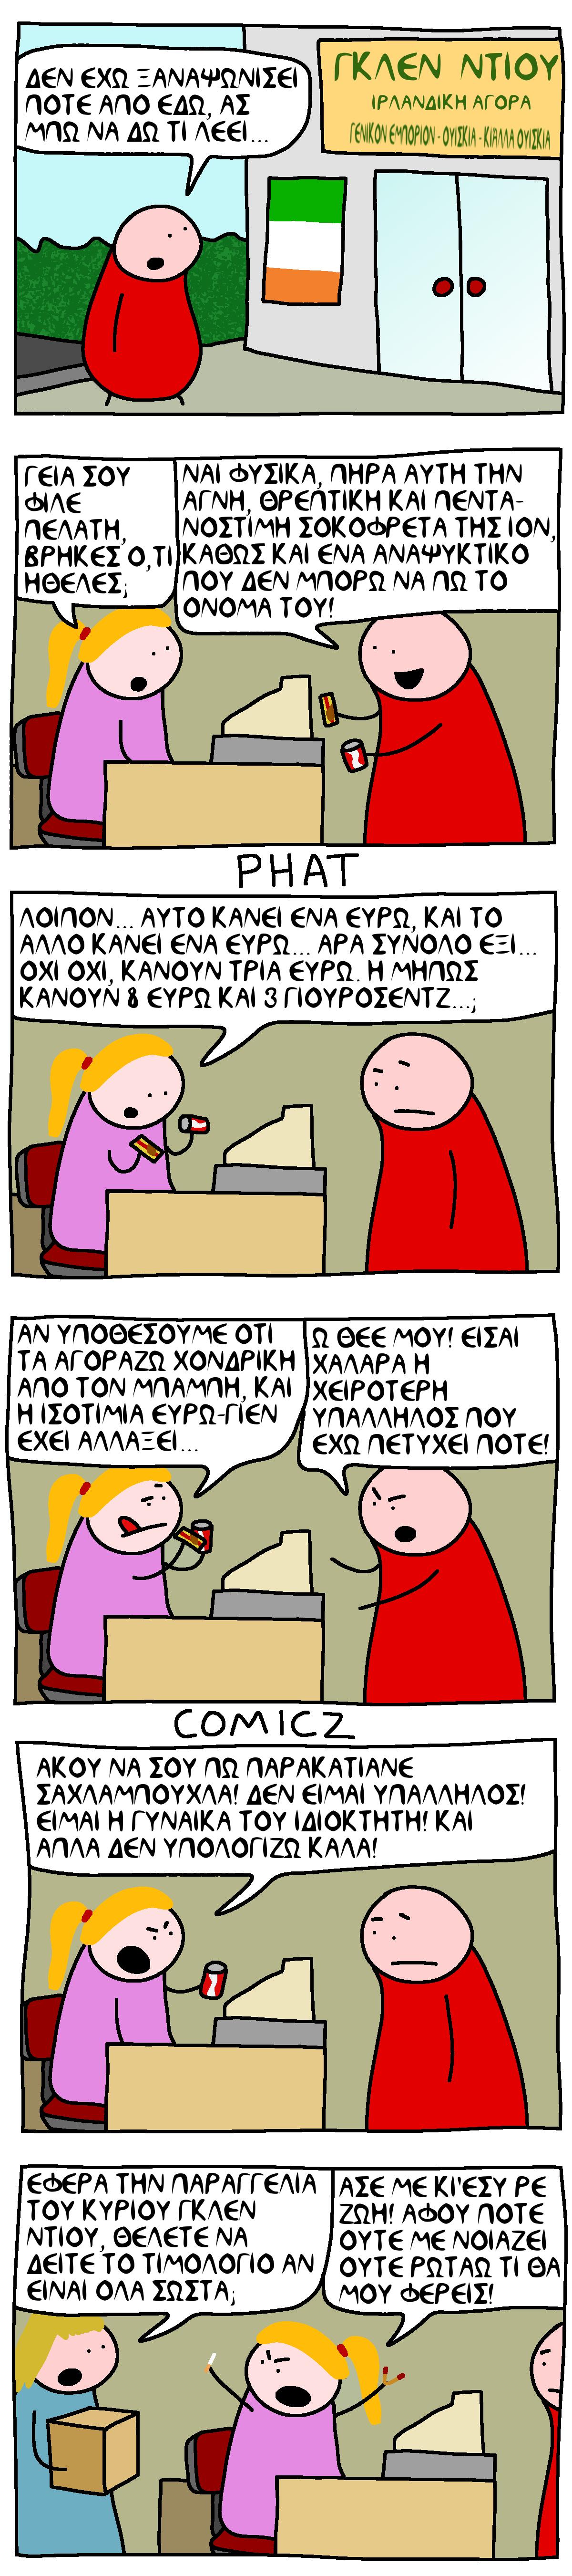 glentiou